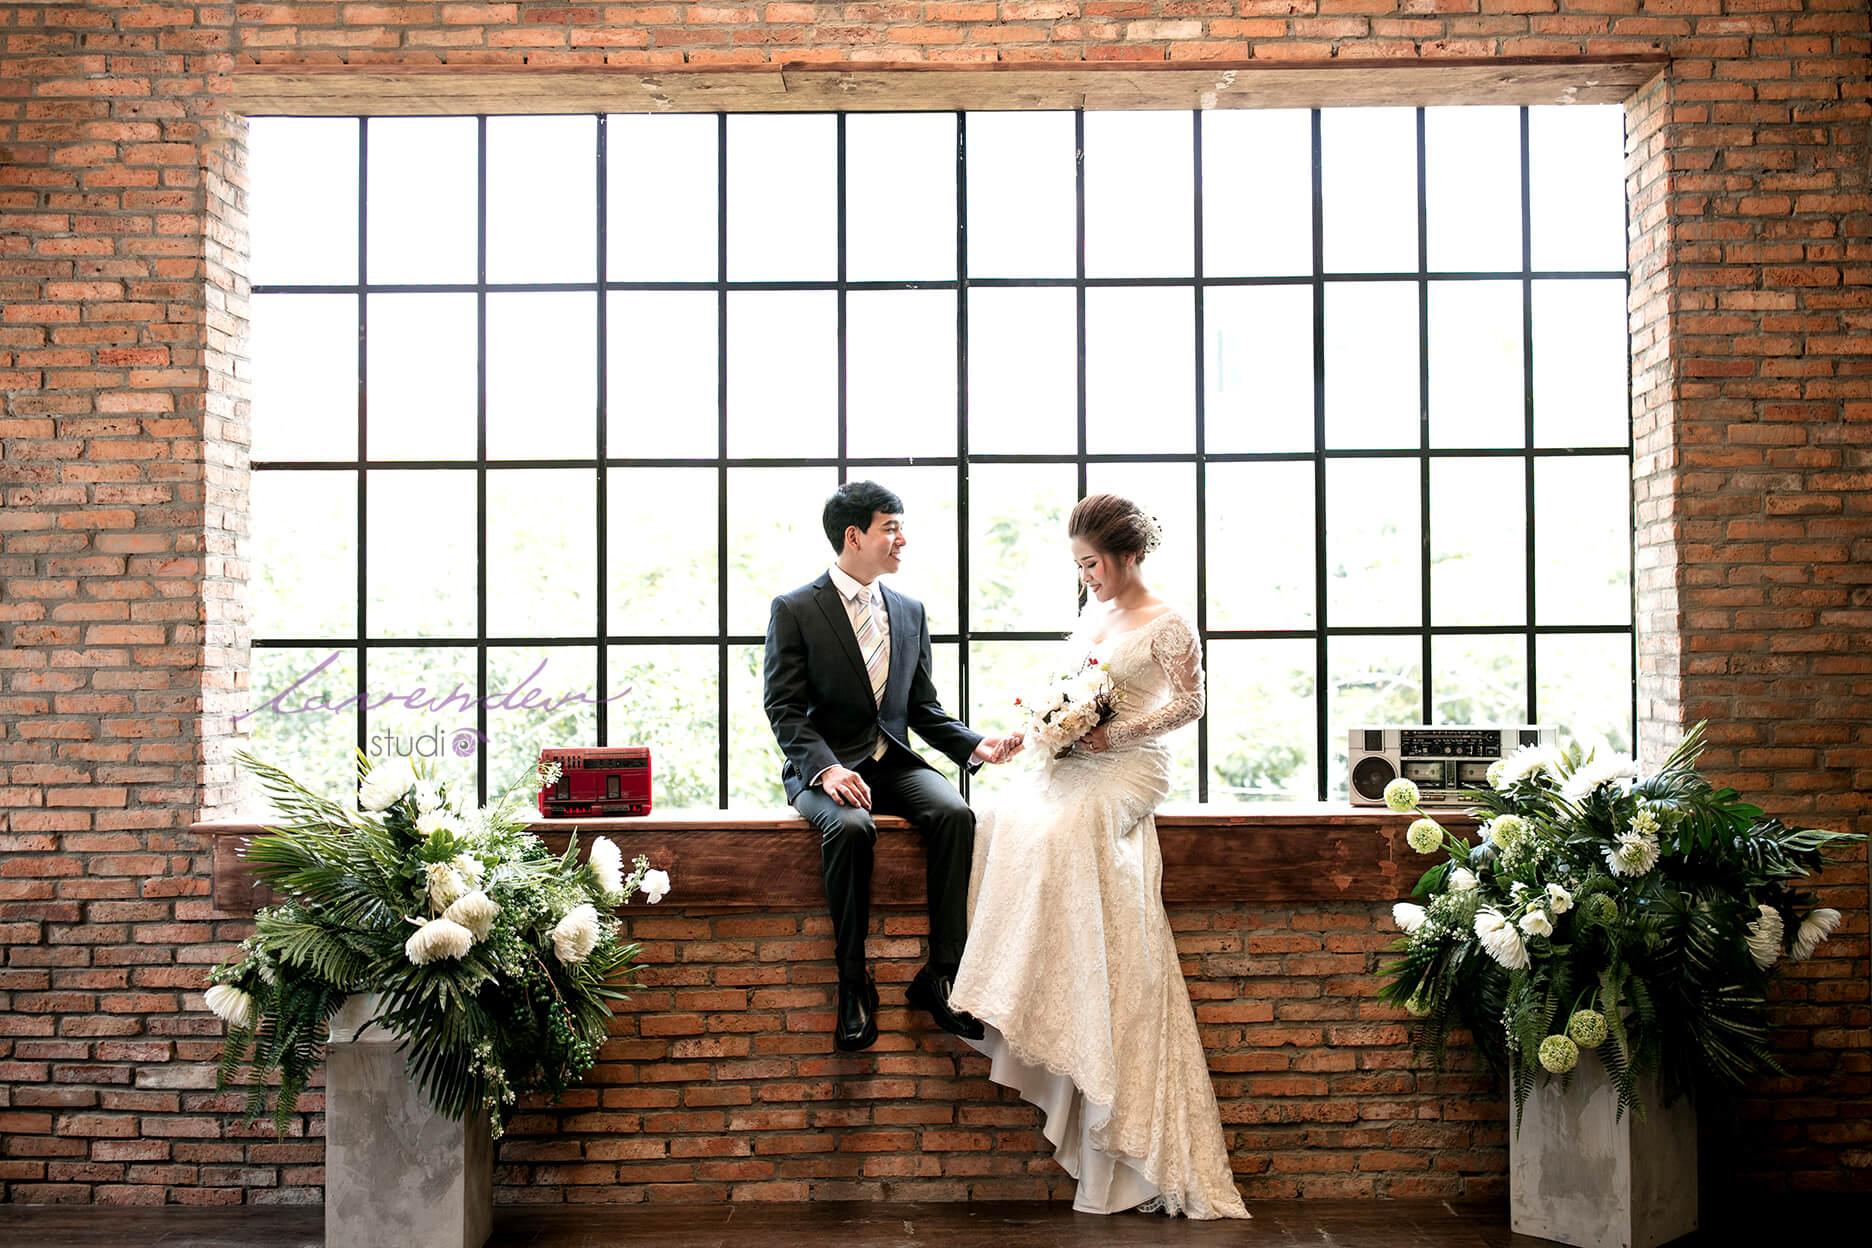 chụp hình cưới đẹp và rẻ ở Hồ chí Minh